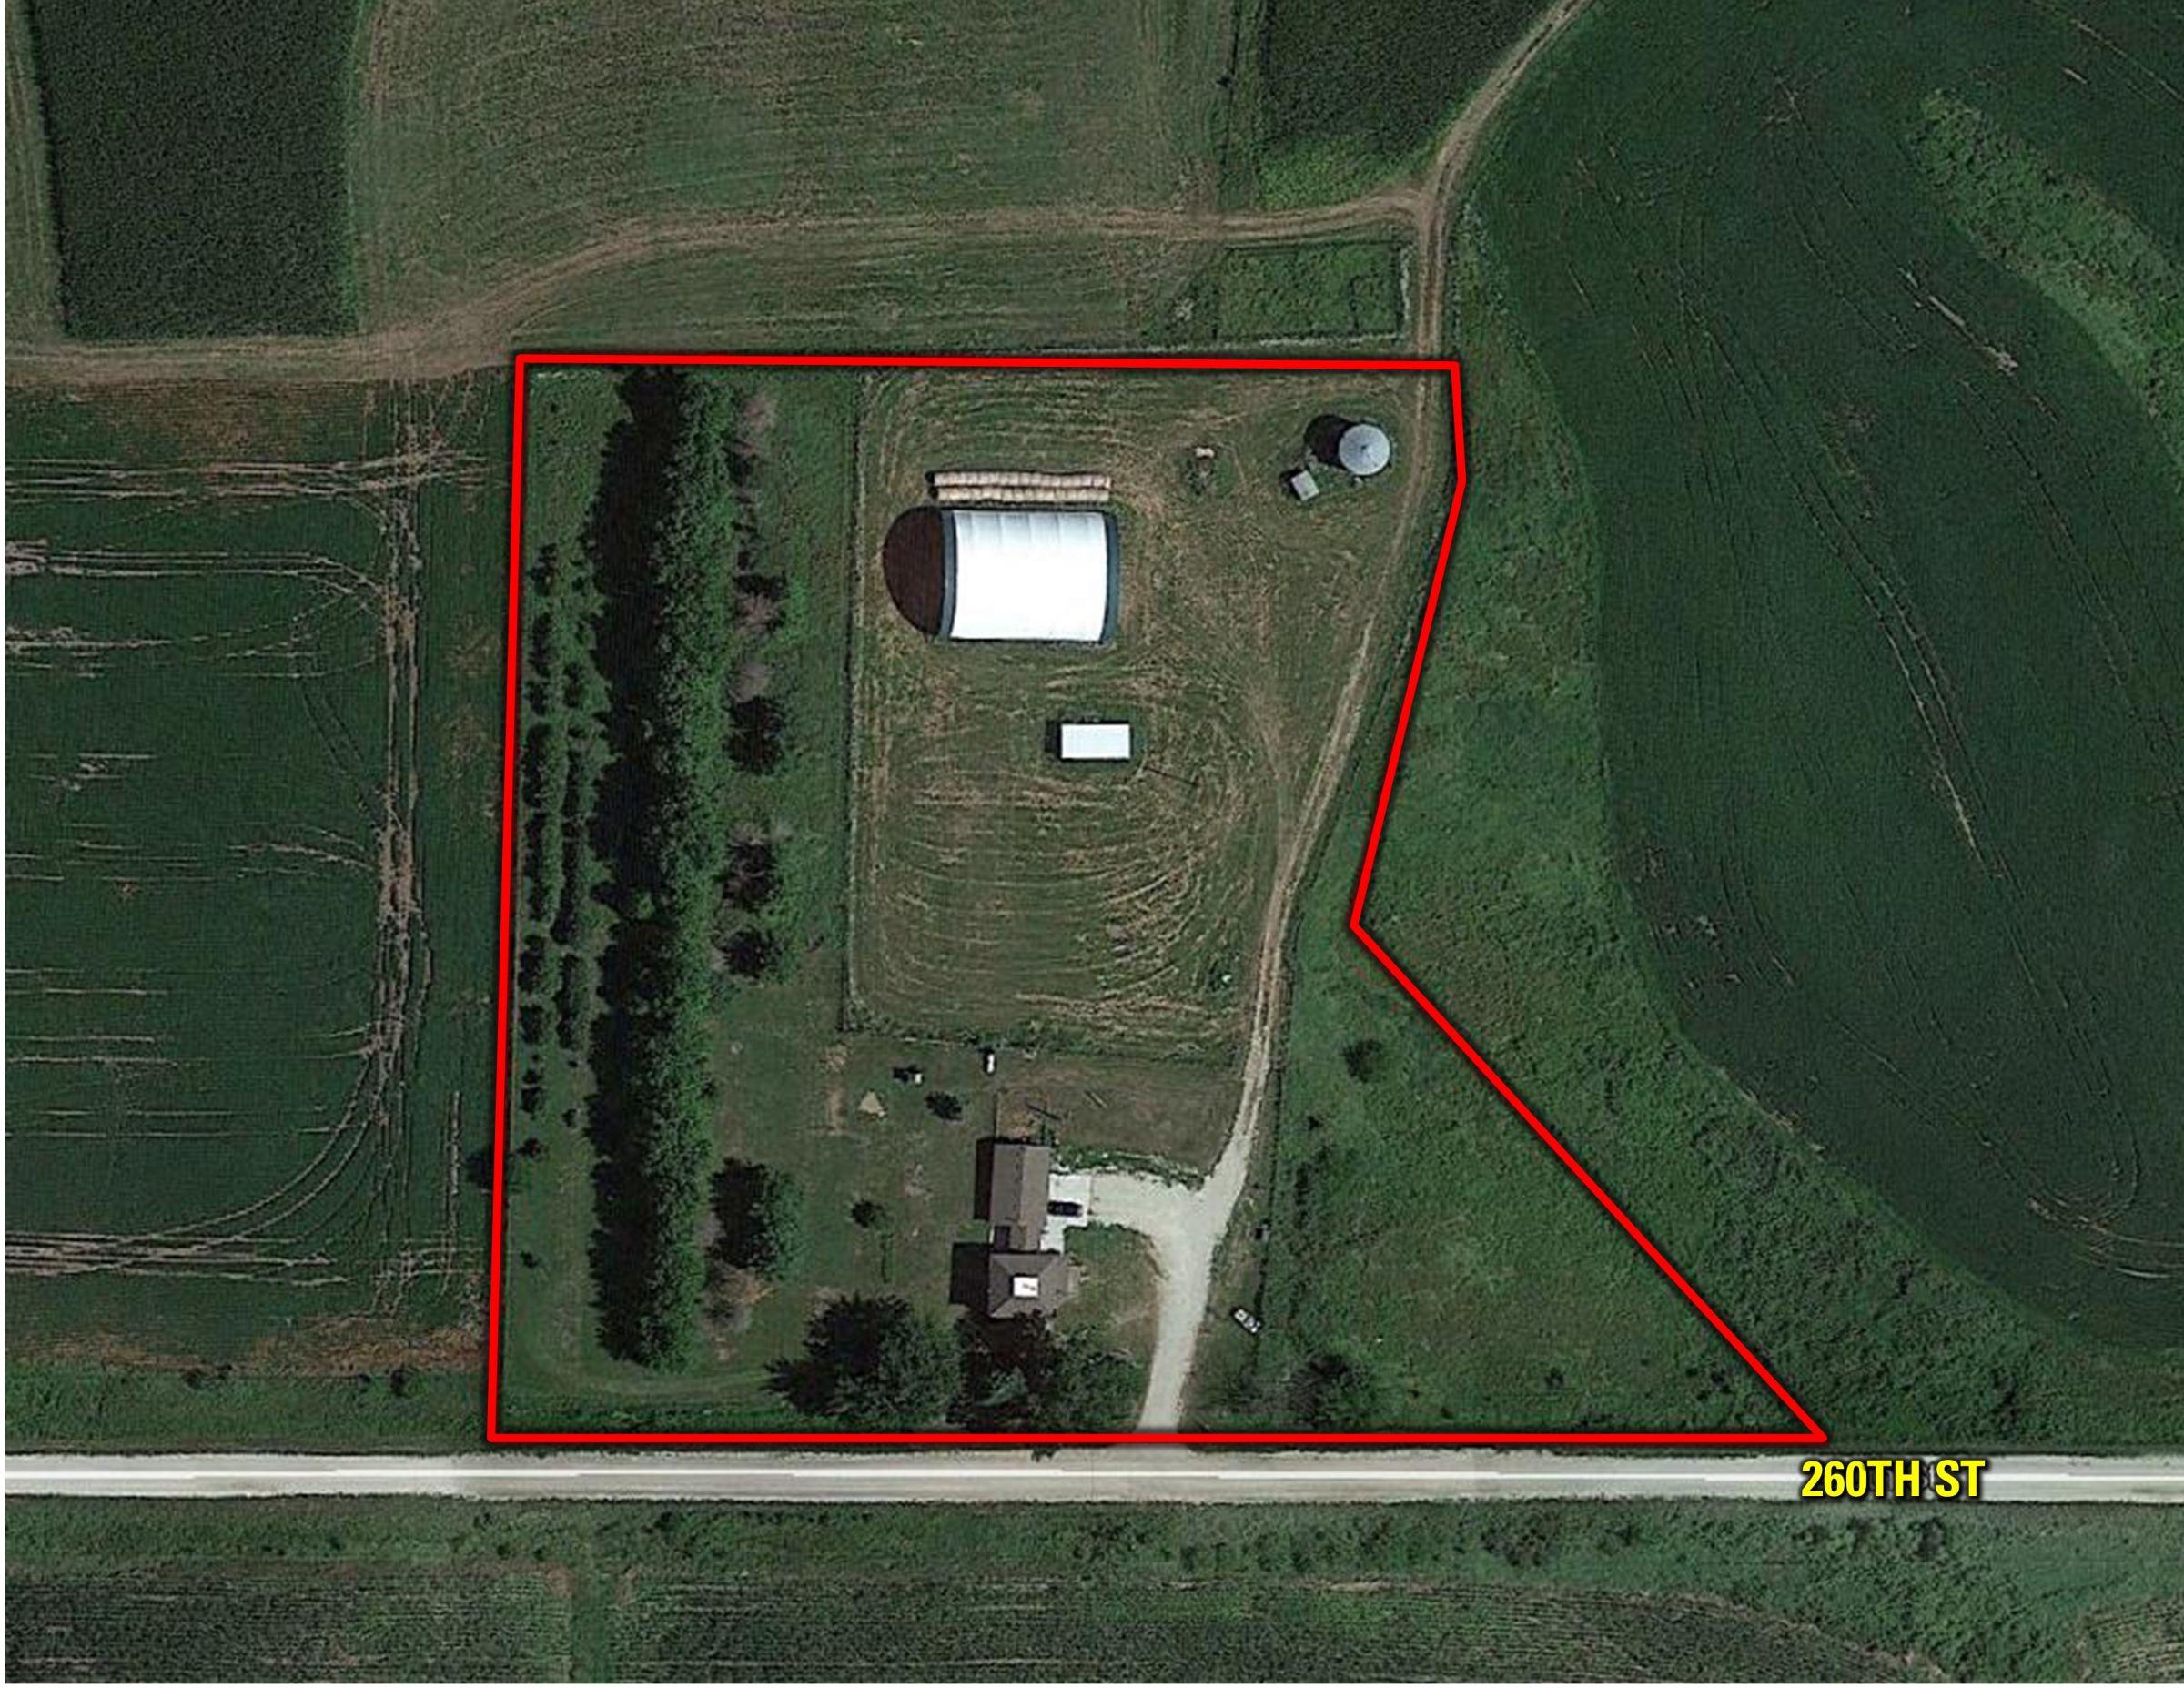 residential-adair-county-iowa-6-acres-listing-number-15664-6-2021-08-04-193533.jpg